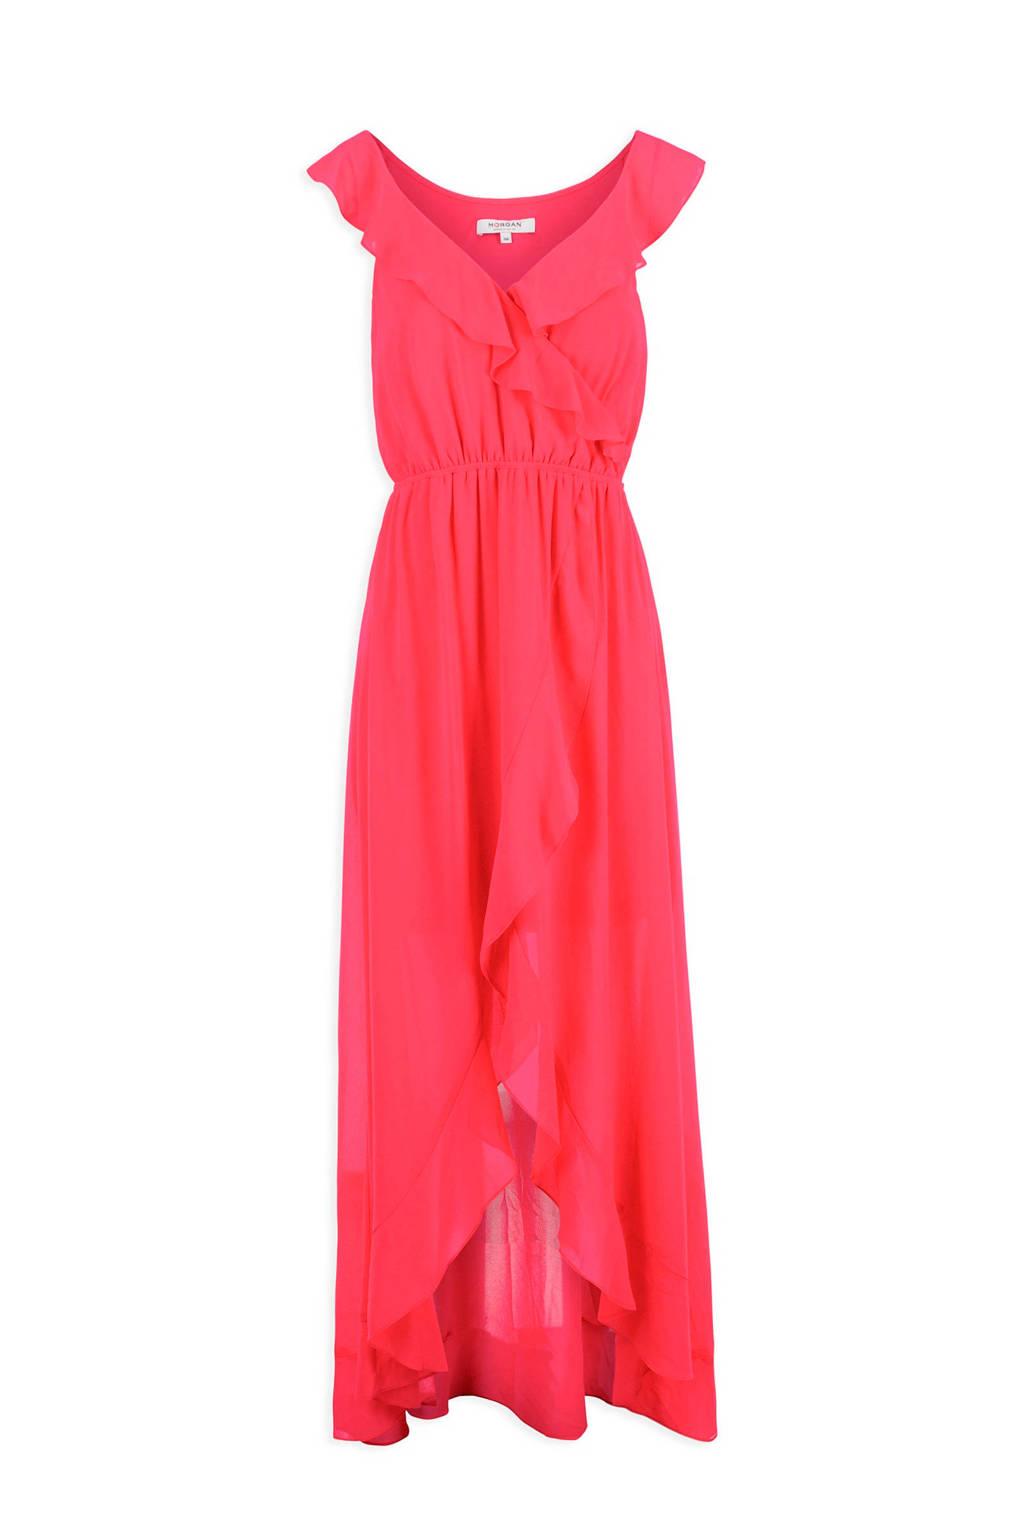 Morgan jurk met volant rood, Rood